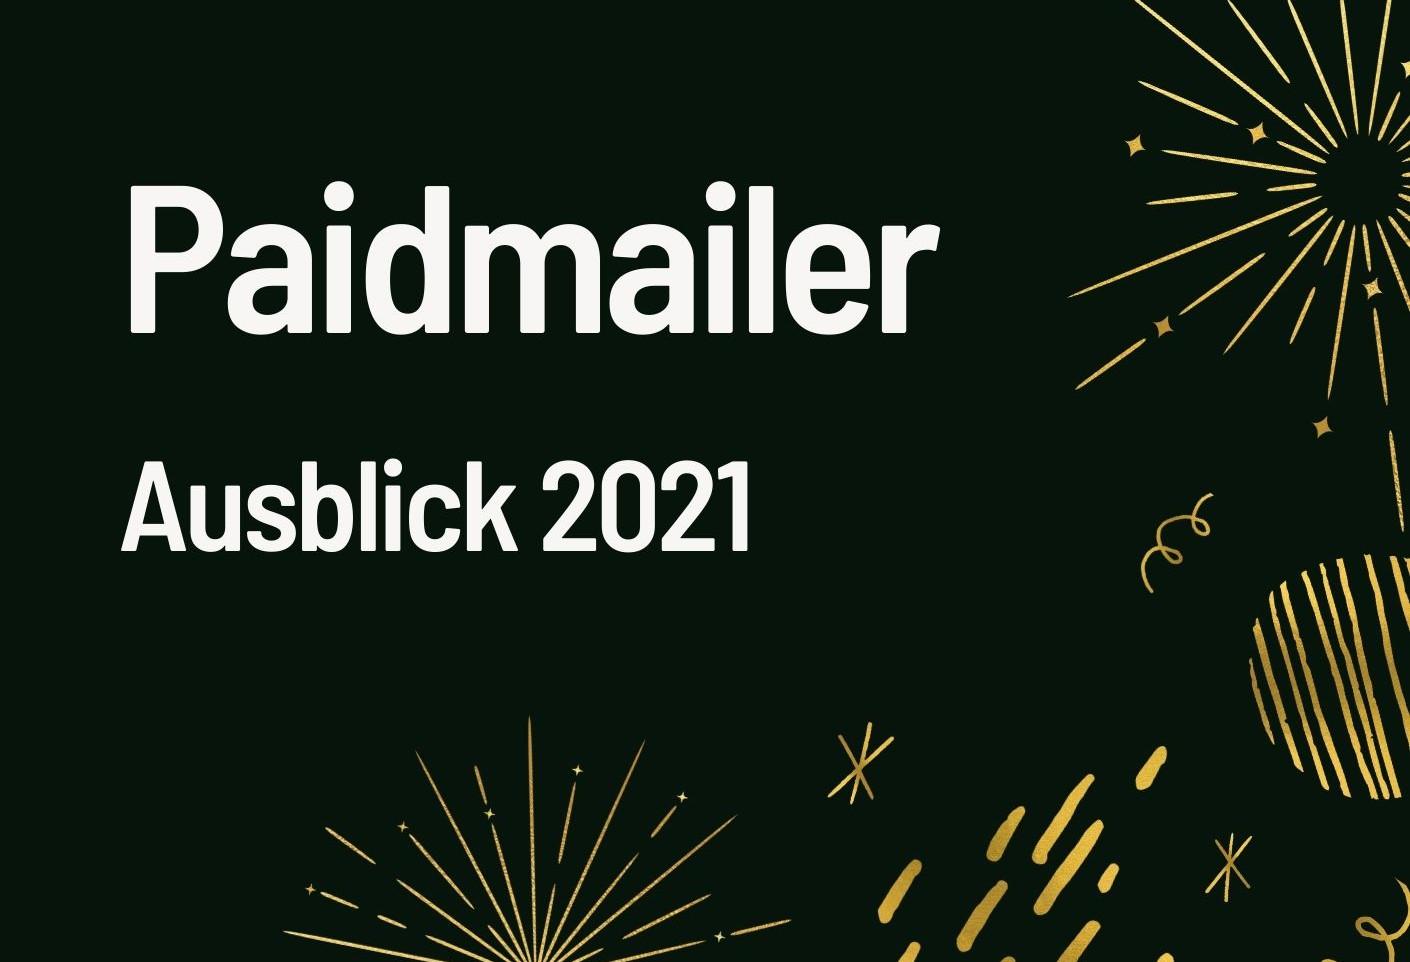 Paidmailer 2021